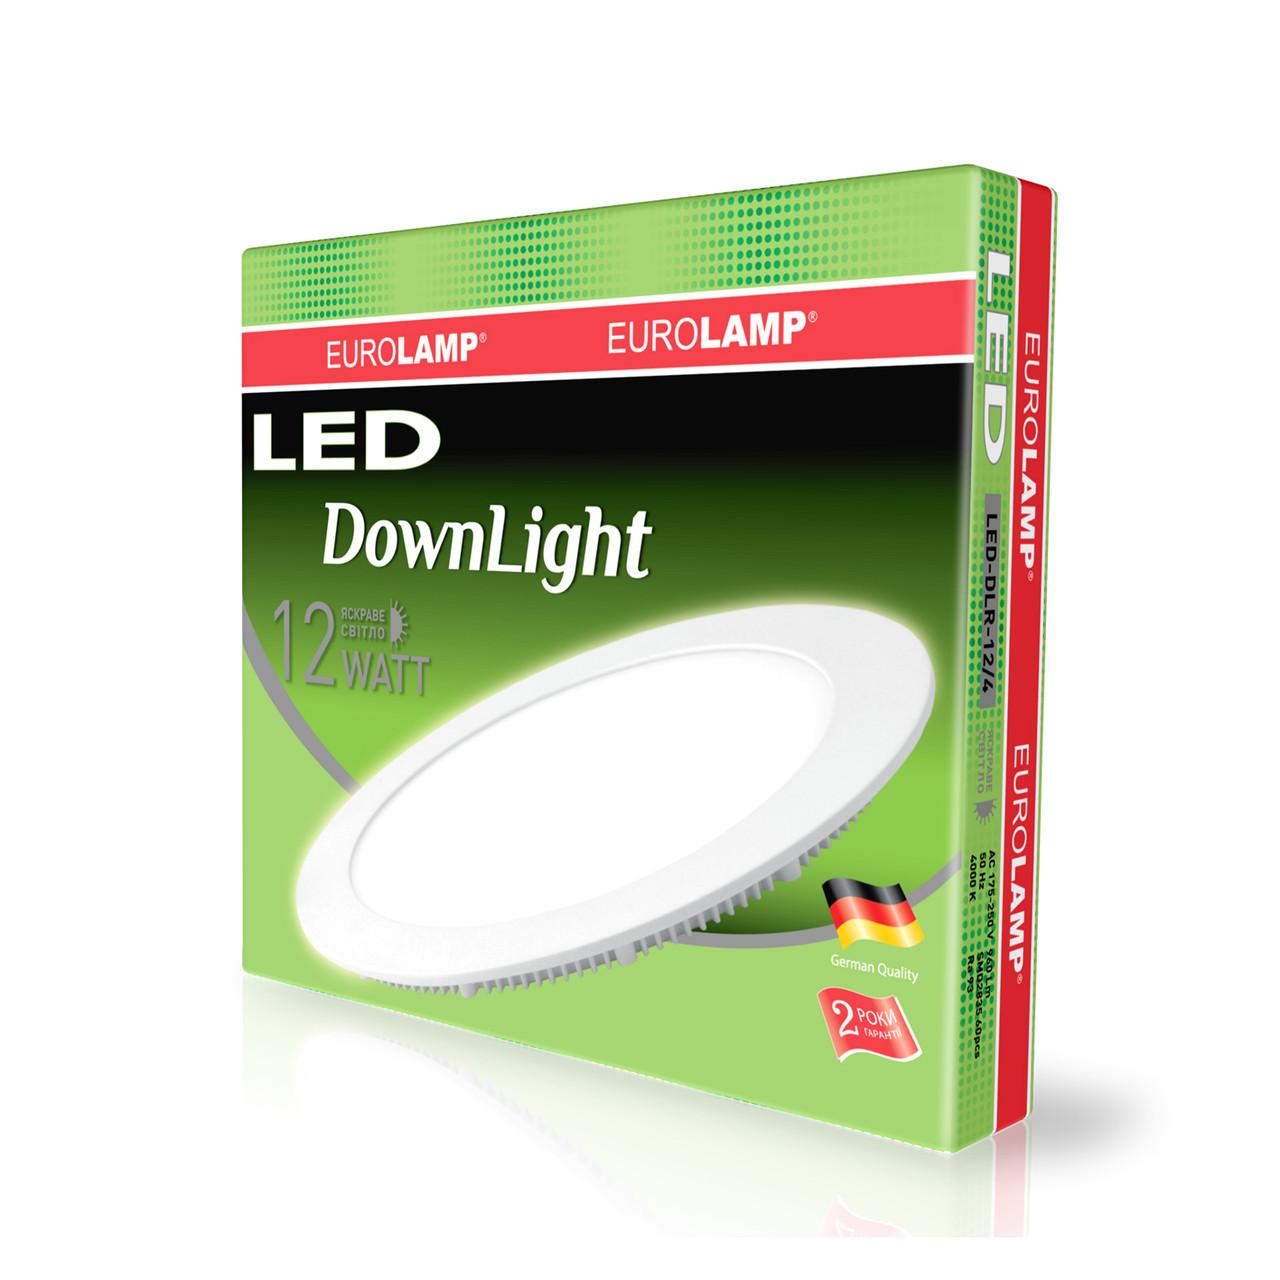 EUROLAMP LED Светильник круглый Downlight 12W 4000K 220V